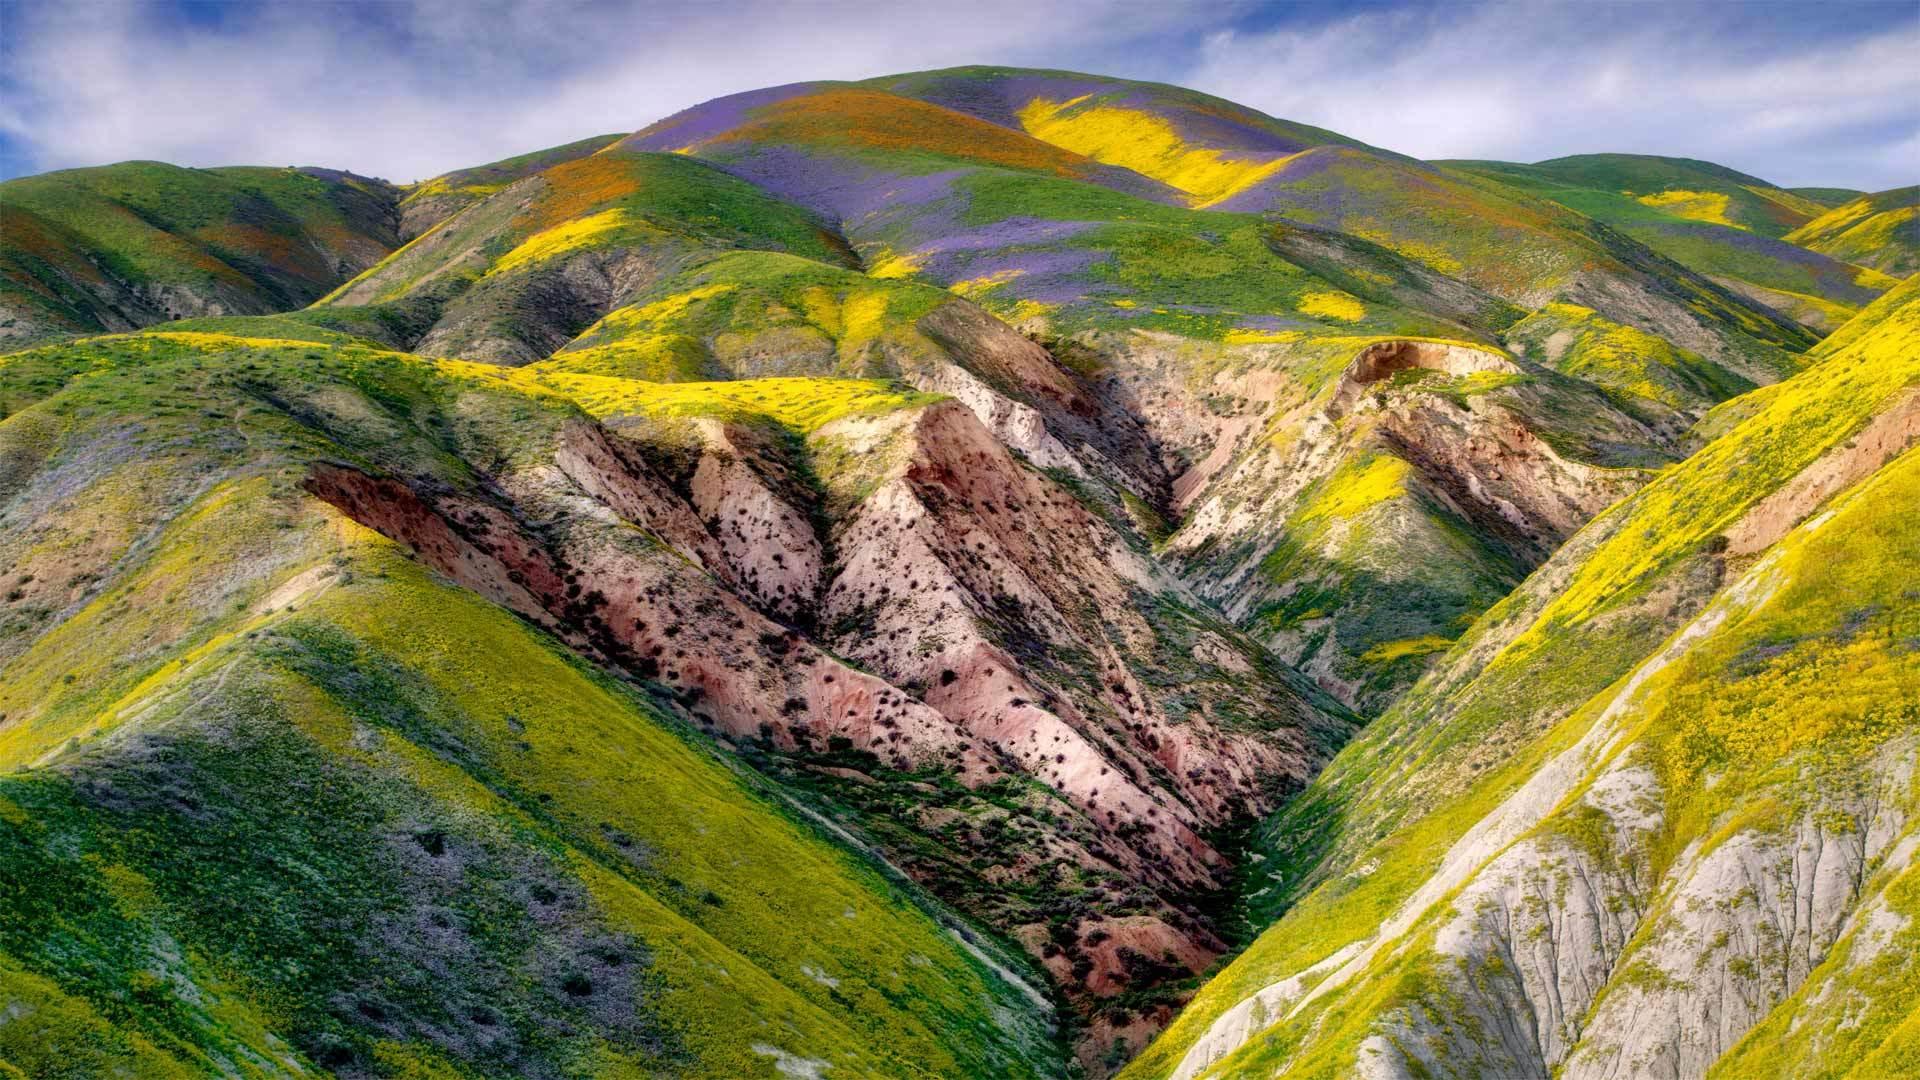 加利福尼亚卡里佐平原国家纪念区的野花加利福尼亚